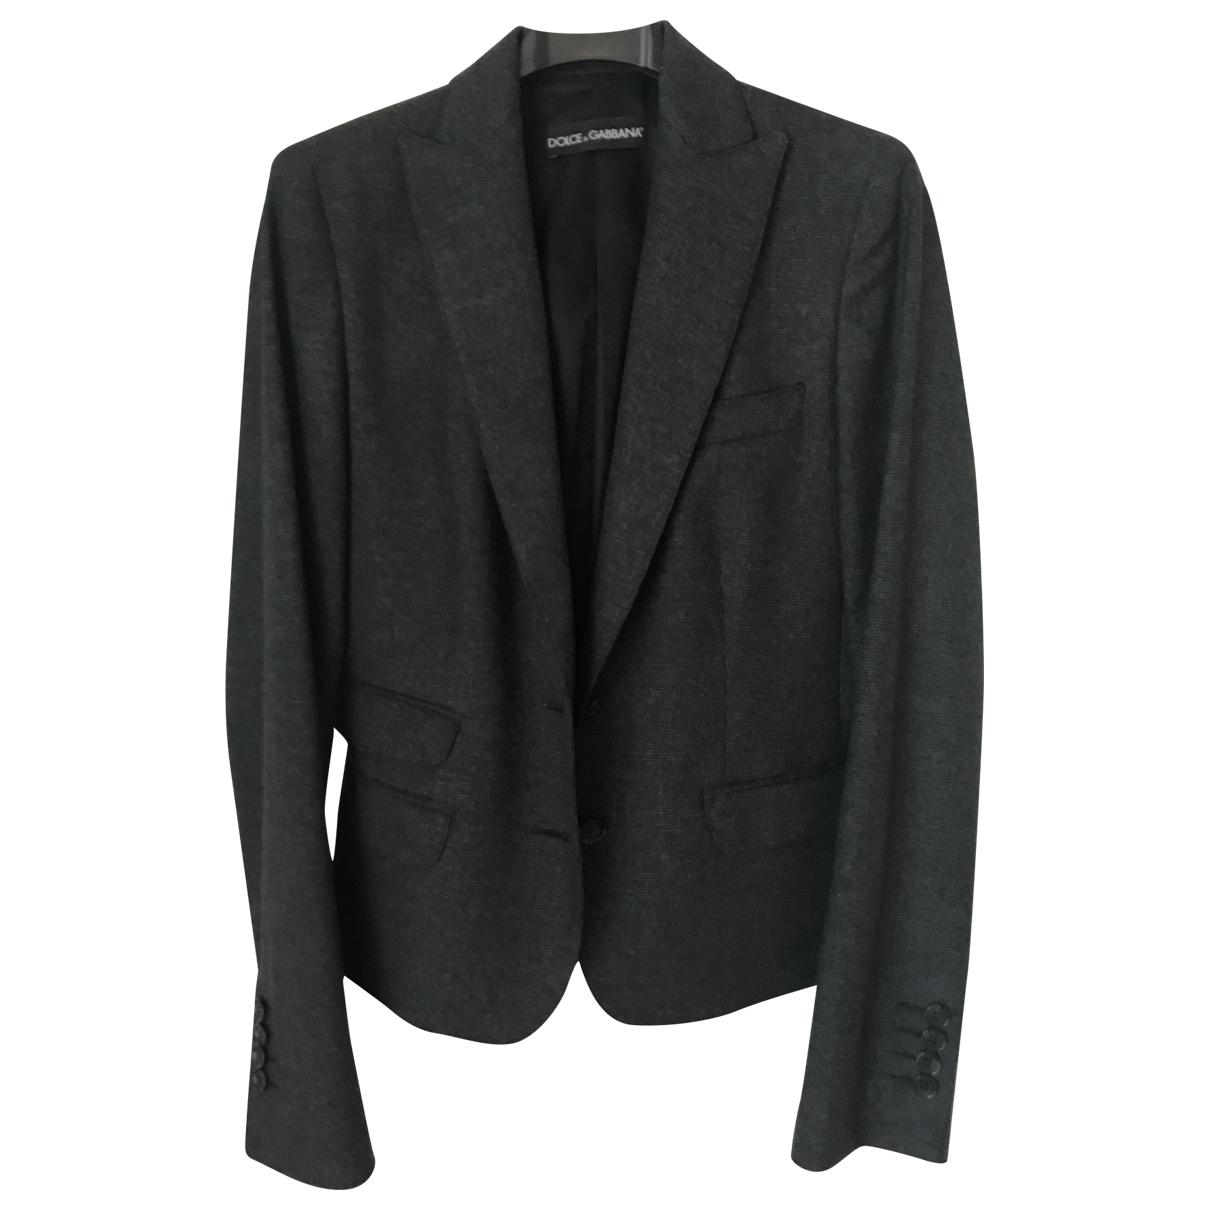 Dolce & Gabbana \N Grey jacket for Women 40 IT